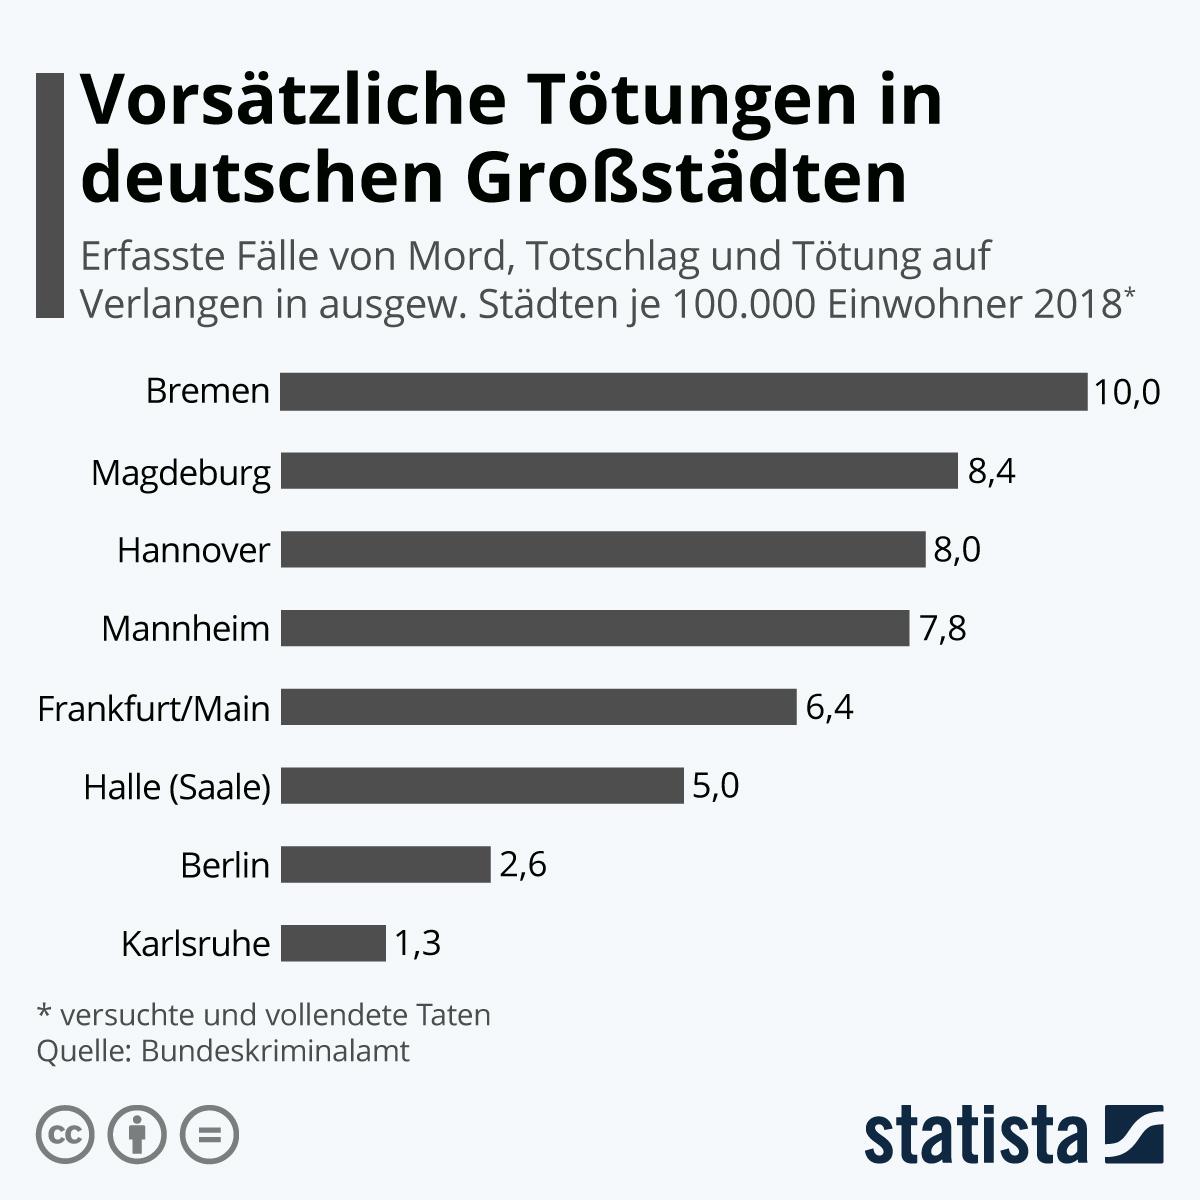 Infografik: Vorsätzliche Tötungen in deutschen Großstädten | Statista